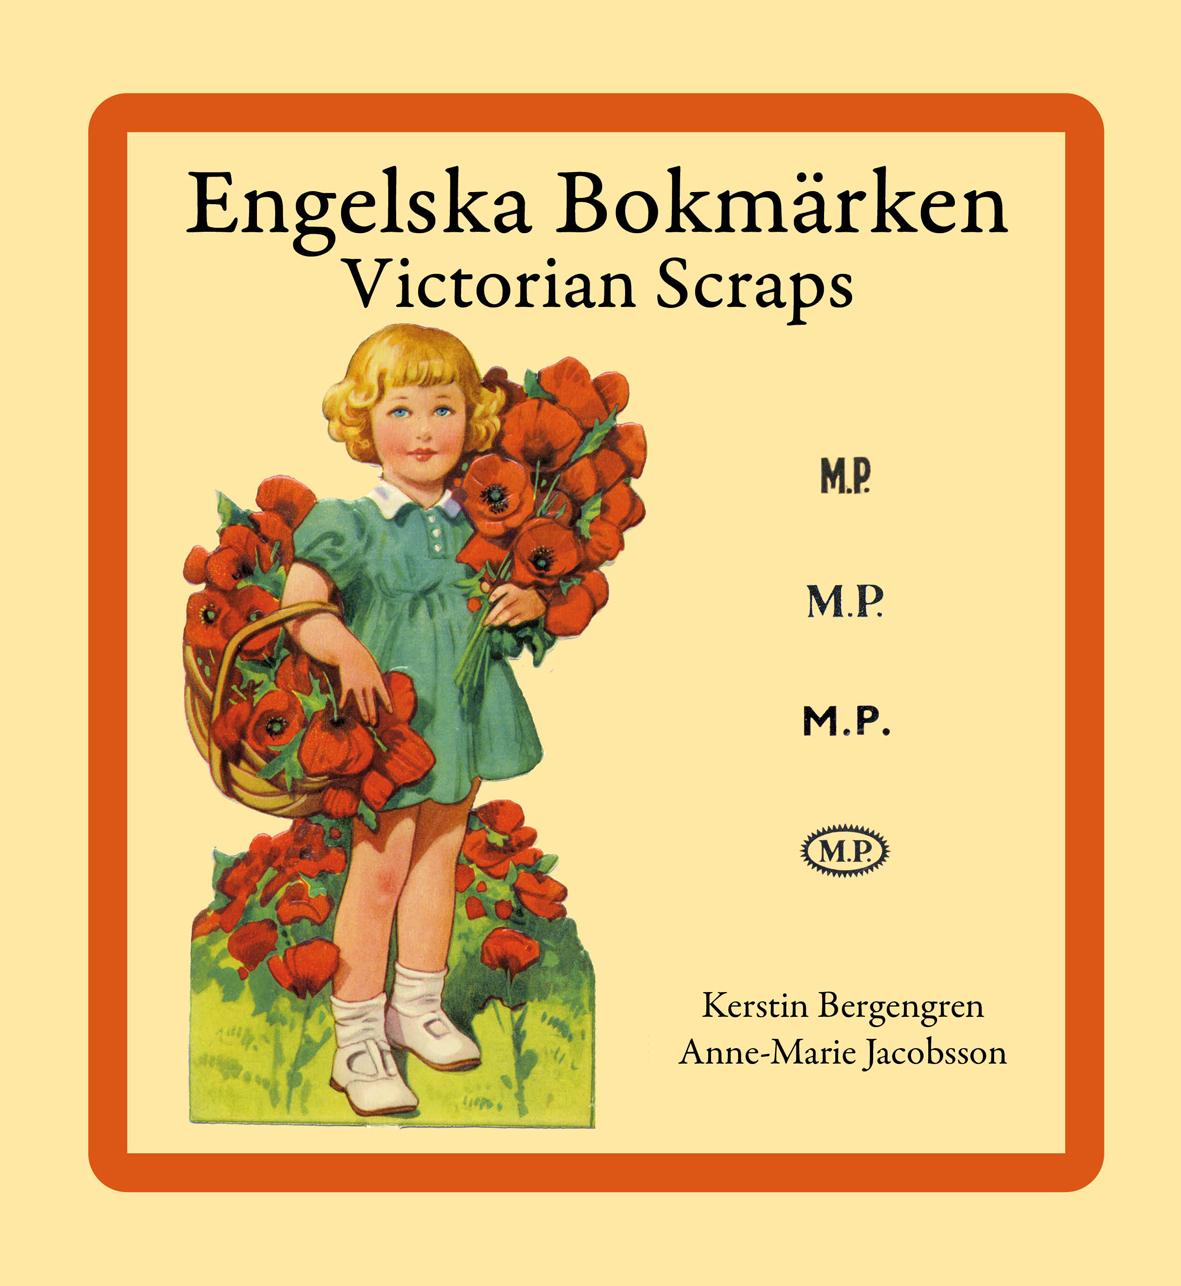 Engelska bokmärken